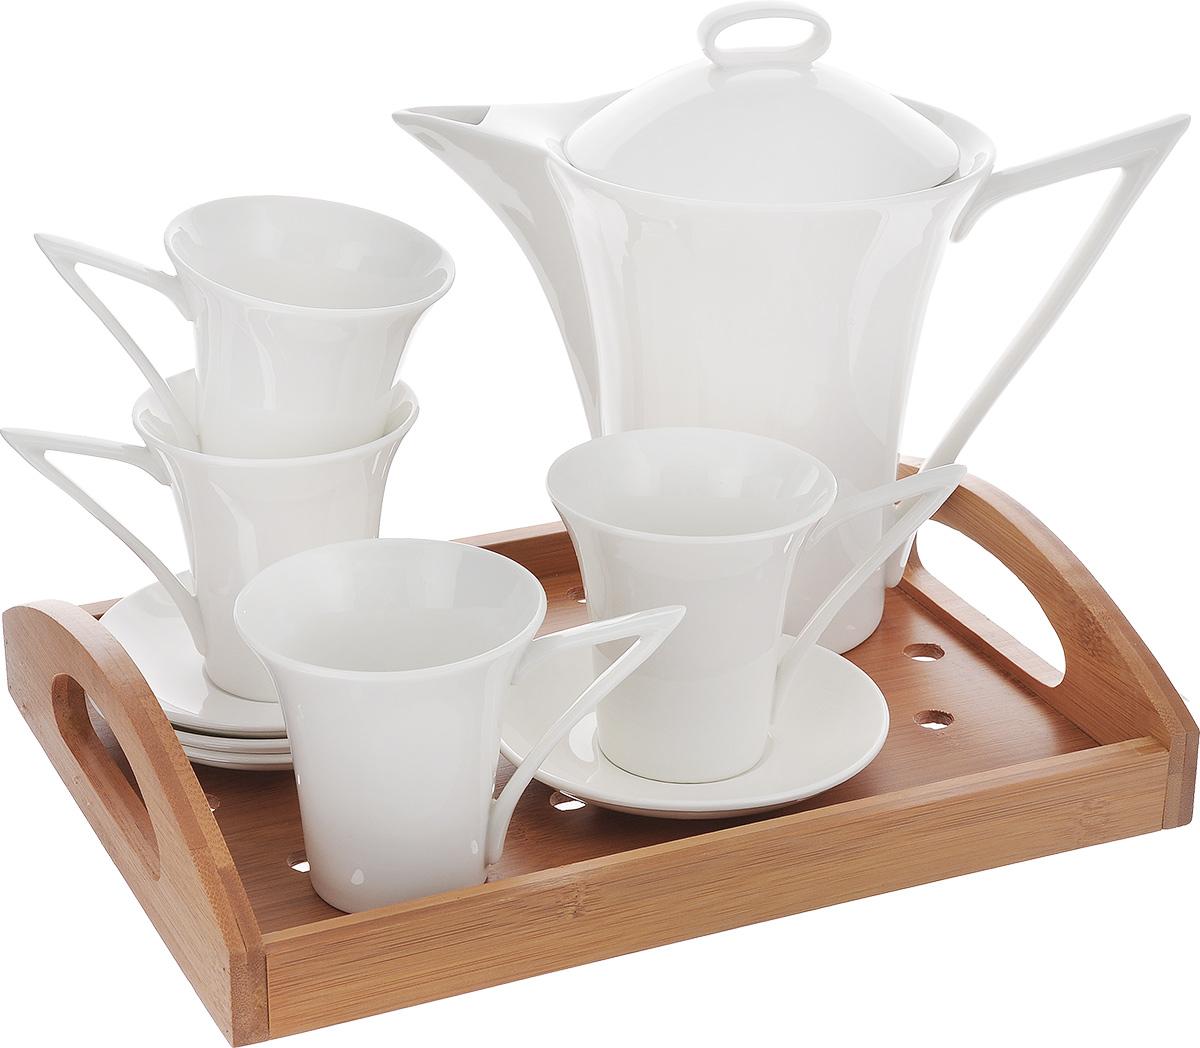 Набор чайный Augustin Welz, с подносом, 10 предметовVT-1520(SR)Набор для чая и кофе Augustin Welz состоит из заварочного чайника, 4 кружек и 4 блюдец. Заварочный чайник изготовлен из высококачественного фарфора, удобен в использовании для приготовления не только чая, но и кофе. Он быстро заваривает напиток, сохраняя его тонкий насыщенный аромат. Поднос из бамбука прямоугольной формы с легкостью уместит все предметы и поможет без труда перенести напитки.Функциональный и изящный набор стильного дизайна прекрасно украсит стол к чаепитию. Посуду можно использовать в микроволновой печи.Не рекомендуется мыть в посудомоечной машине. Размер подноса: 30 см х 22,5 см х 6,3 см. Диаметр блюдца: 12 см. Высота стенки блюдца: 1,7 см. Диаметр чашки (по верхнему краю): 8 см. Высота стенки чашки: 8,5 см. Объем чашки: 135 мл. Диаметр чайника (по верхнему краю): 11 см. Высота чайника (без учета крышки): 17,5 см. Объем чайника: 865 мл.